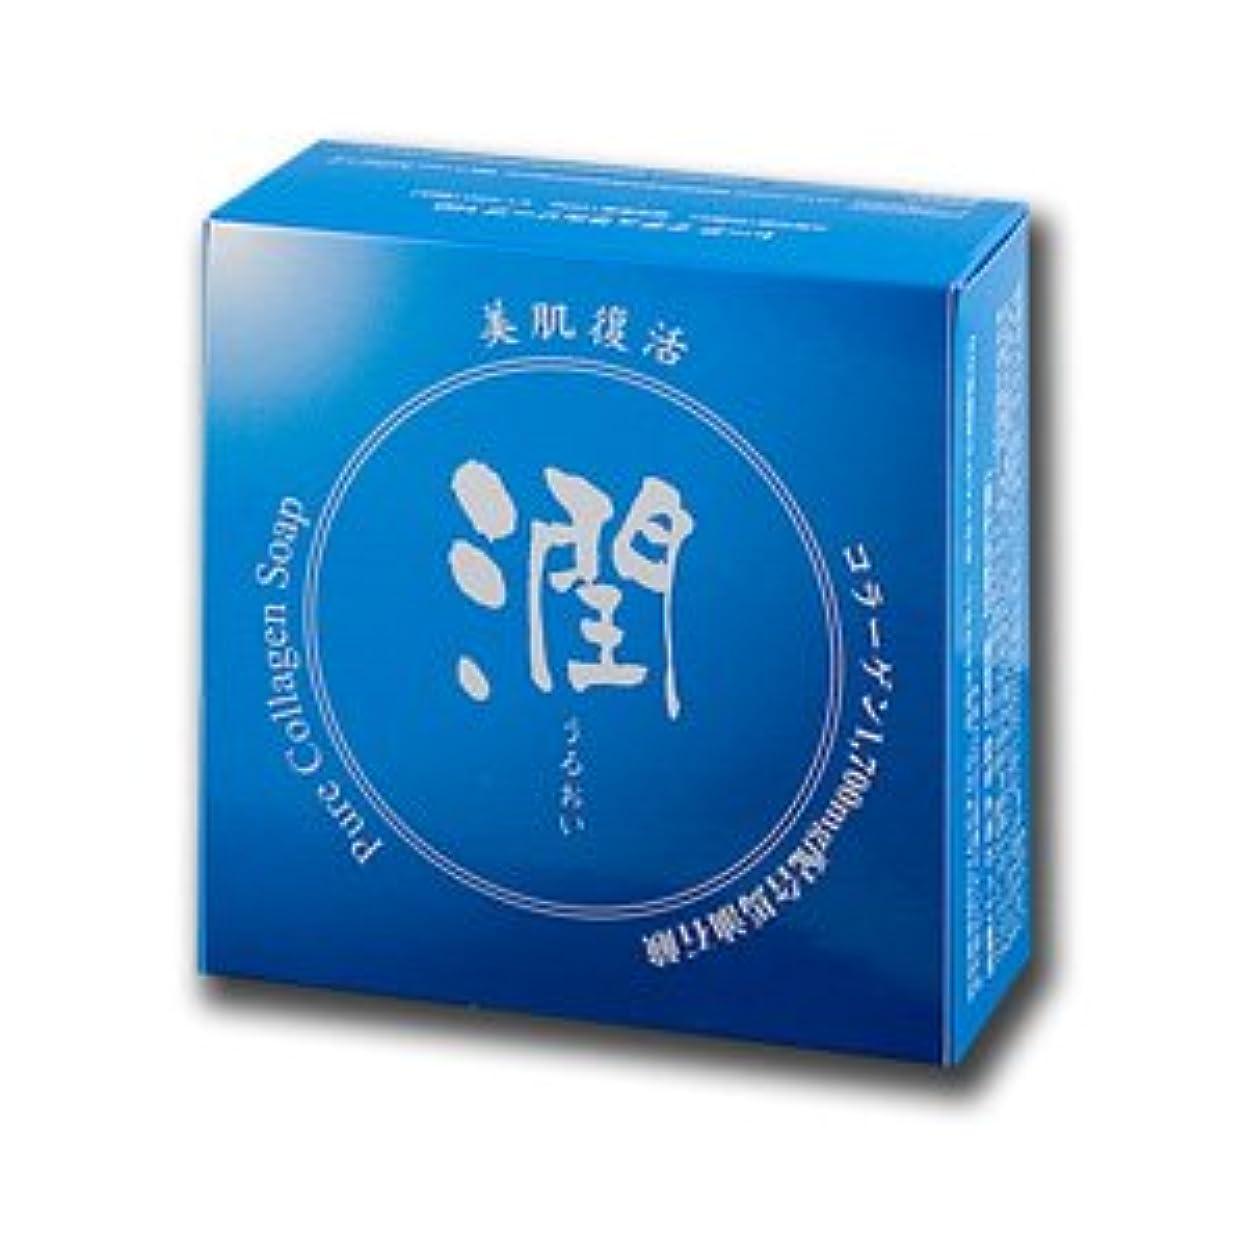 警戒追跡クラシックコラーゲン馬油石鹸 潤 100g (#800410) ×5個セット